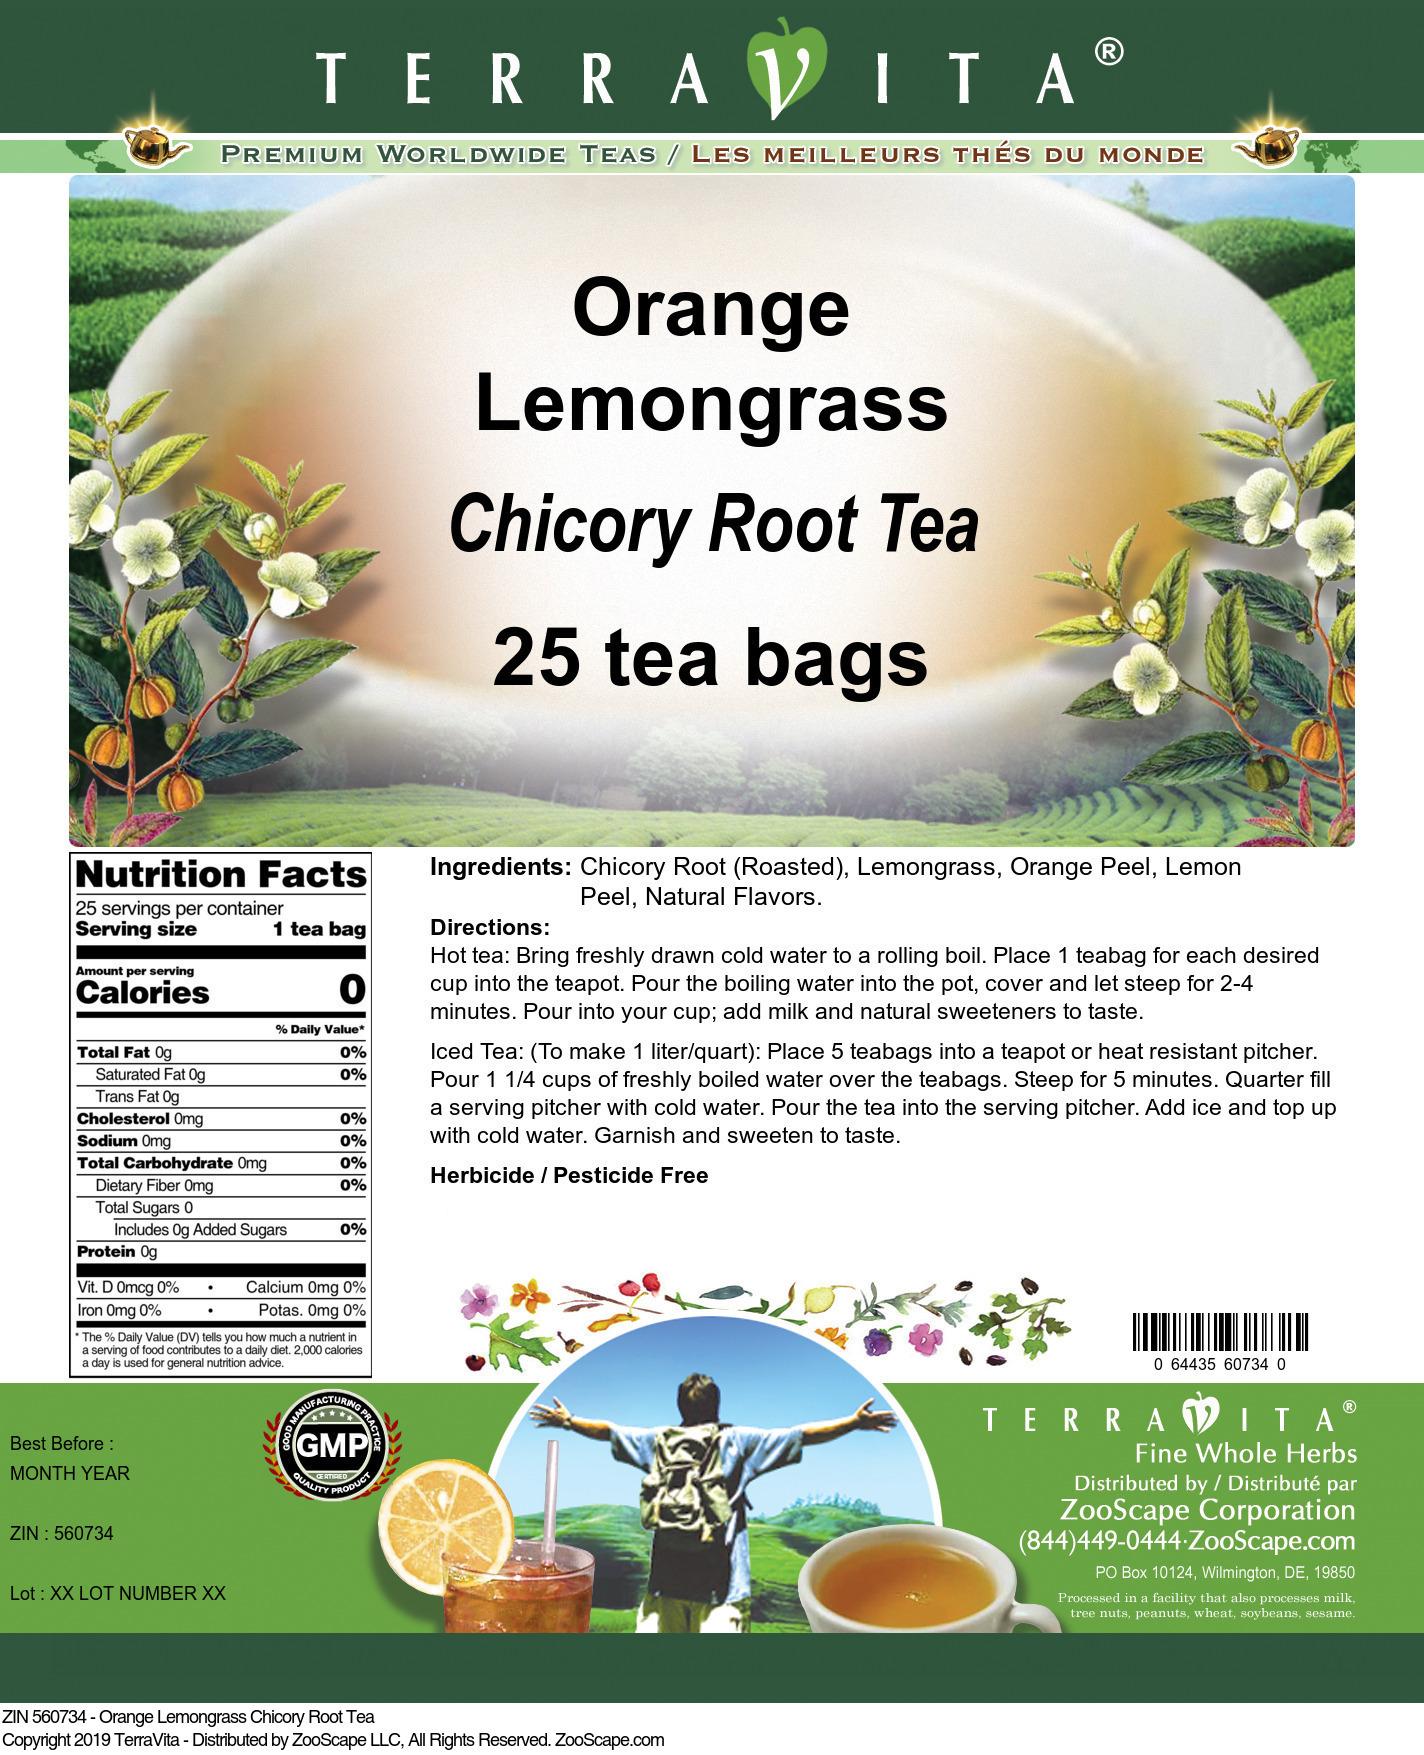 Orange Lemongrass Chicory Root